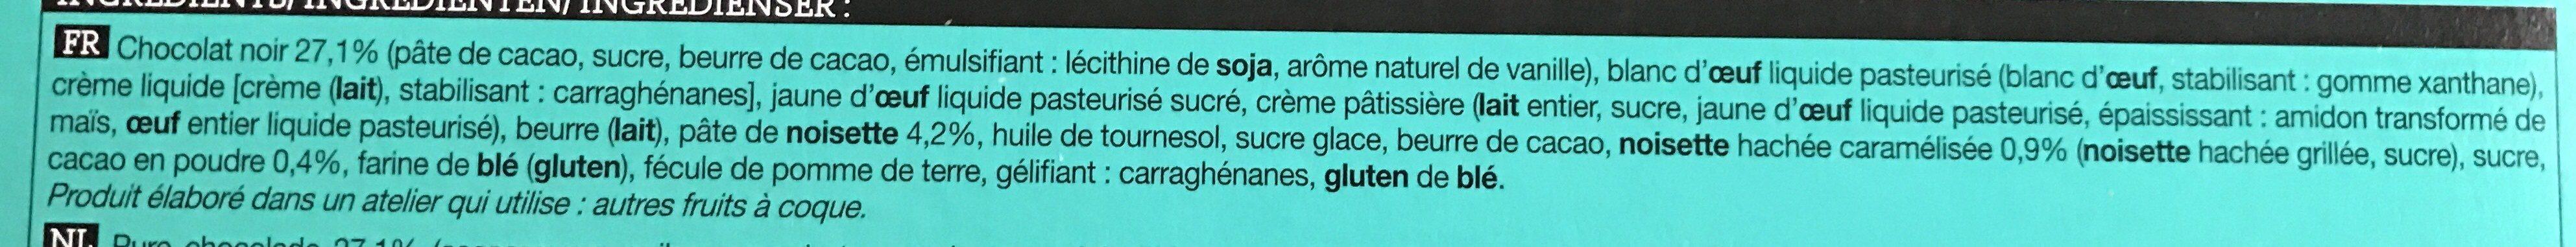 Petits Lapins de Pâques Chocolat-Noisette - Ingrédients - fr